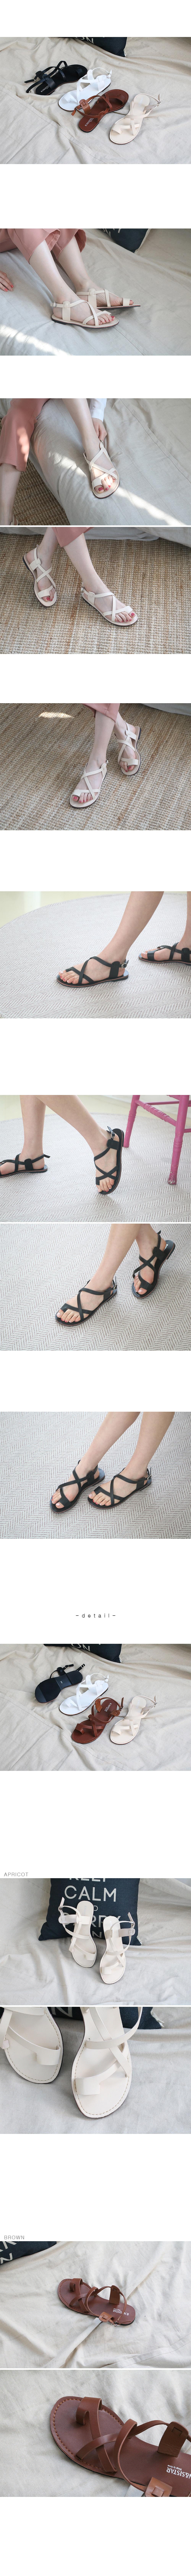 Izle Cooking Sandals